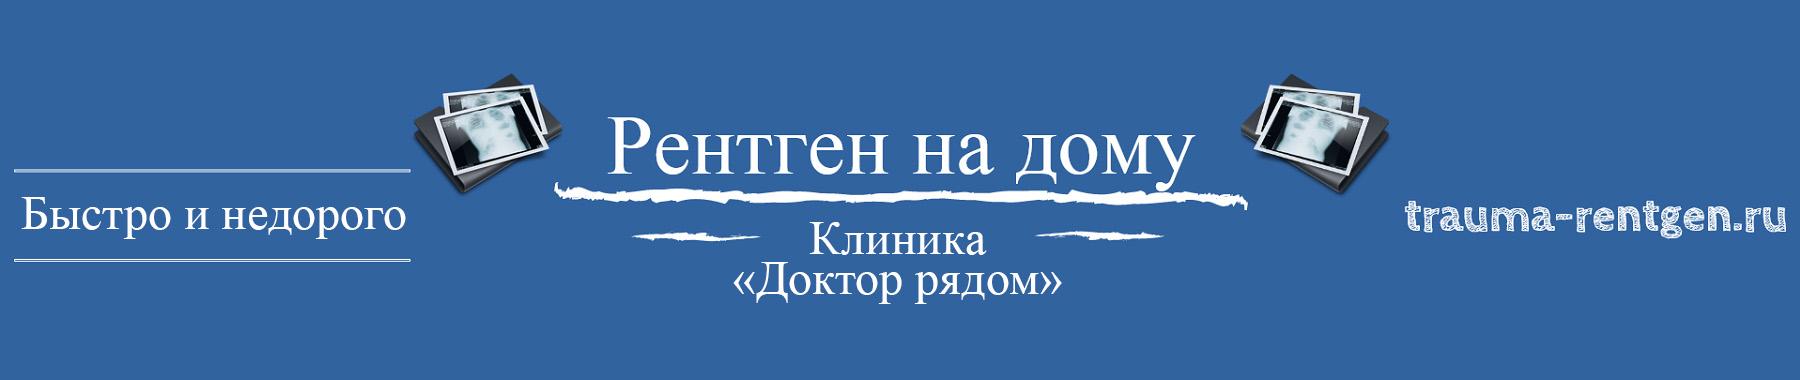 Рентген на дому Москва